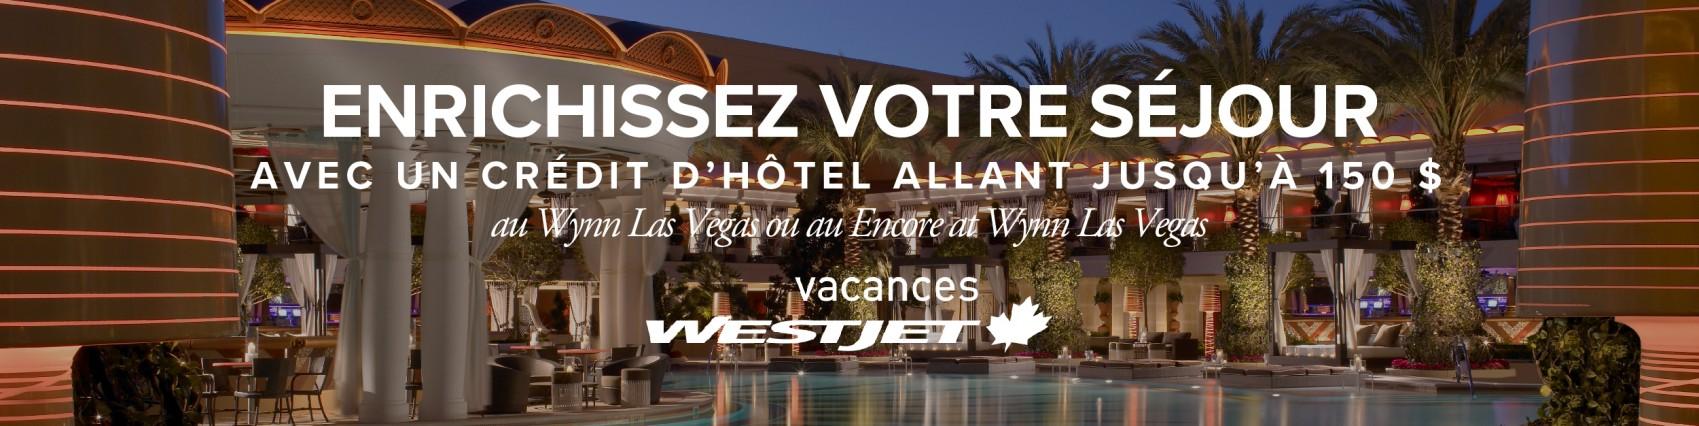 Économisez sur les vacances WestJet à Las Vegas